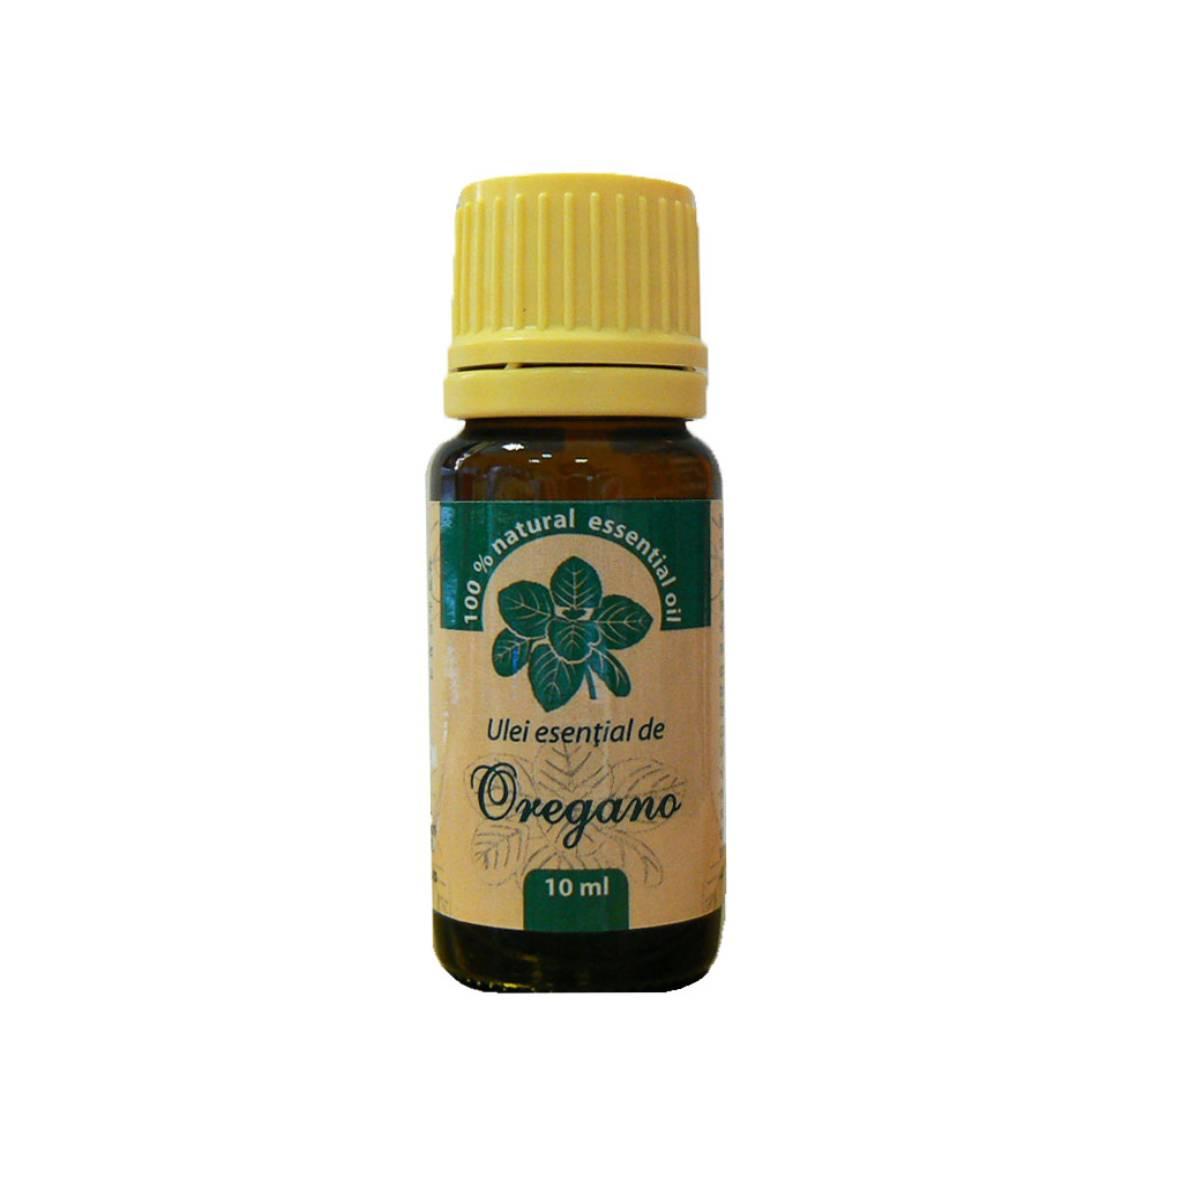 Ulei esential de Oregano, 10 ml, Herbavit